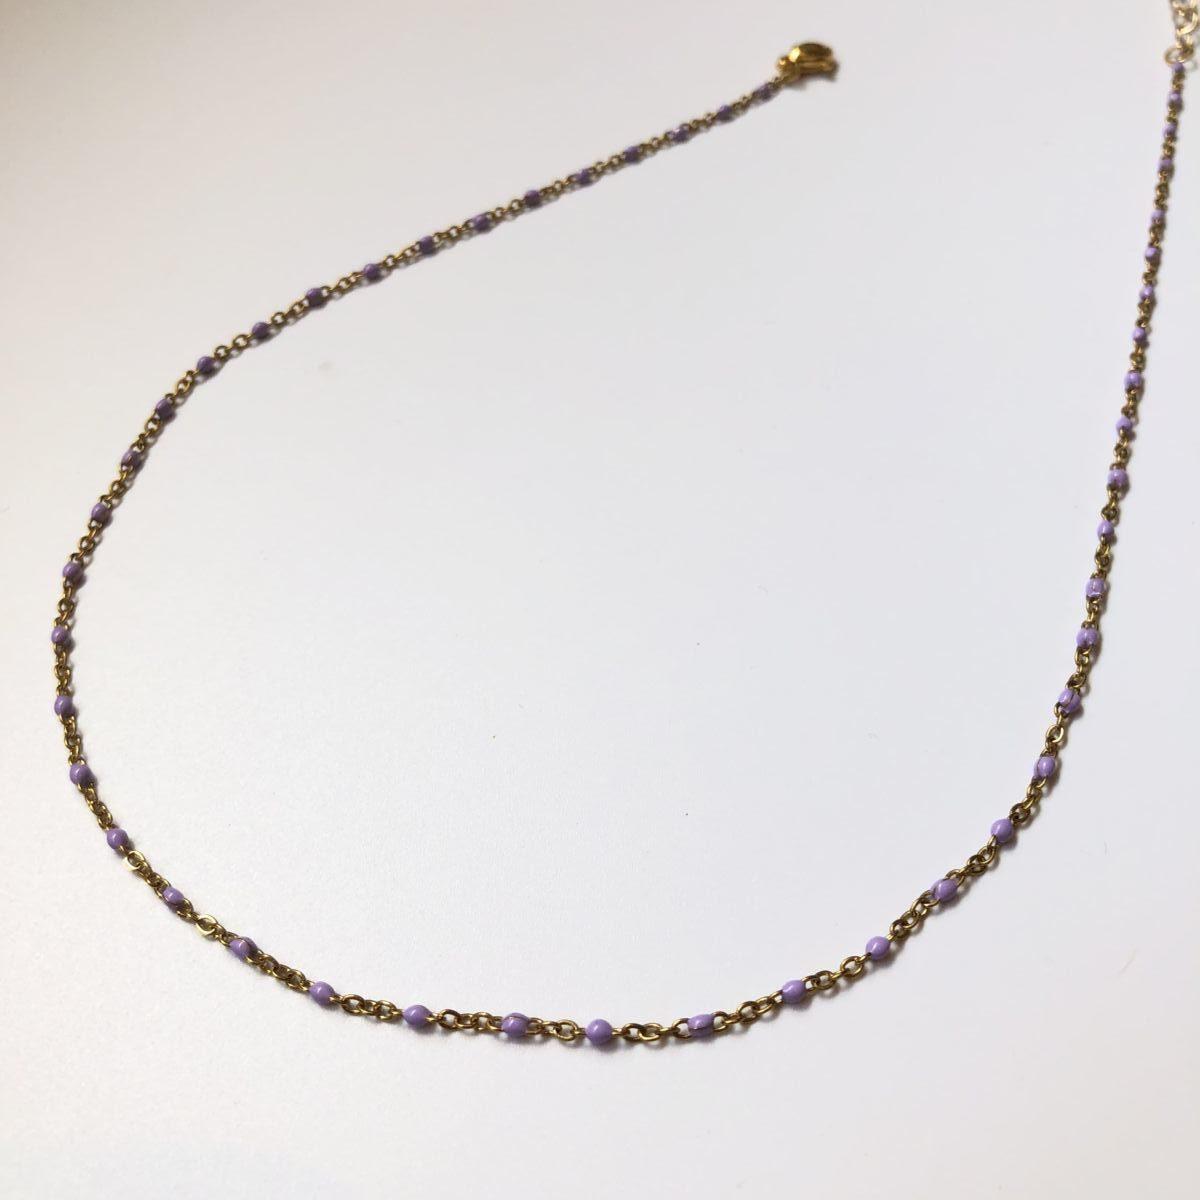 collier chaine dorée mini perles parme by destele